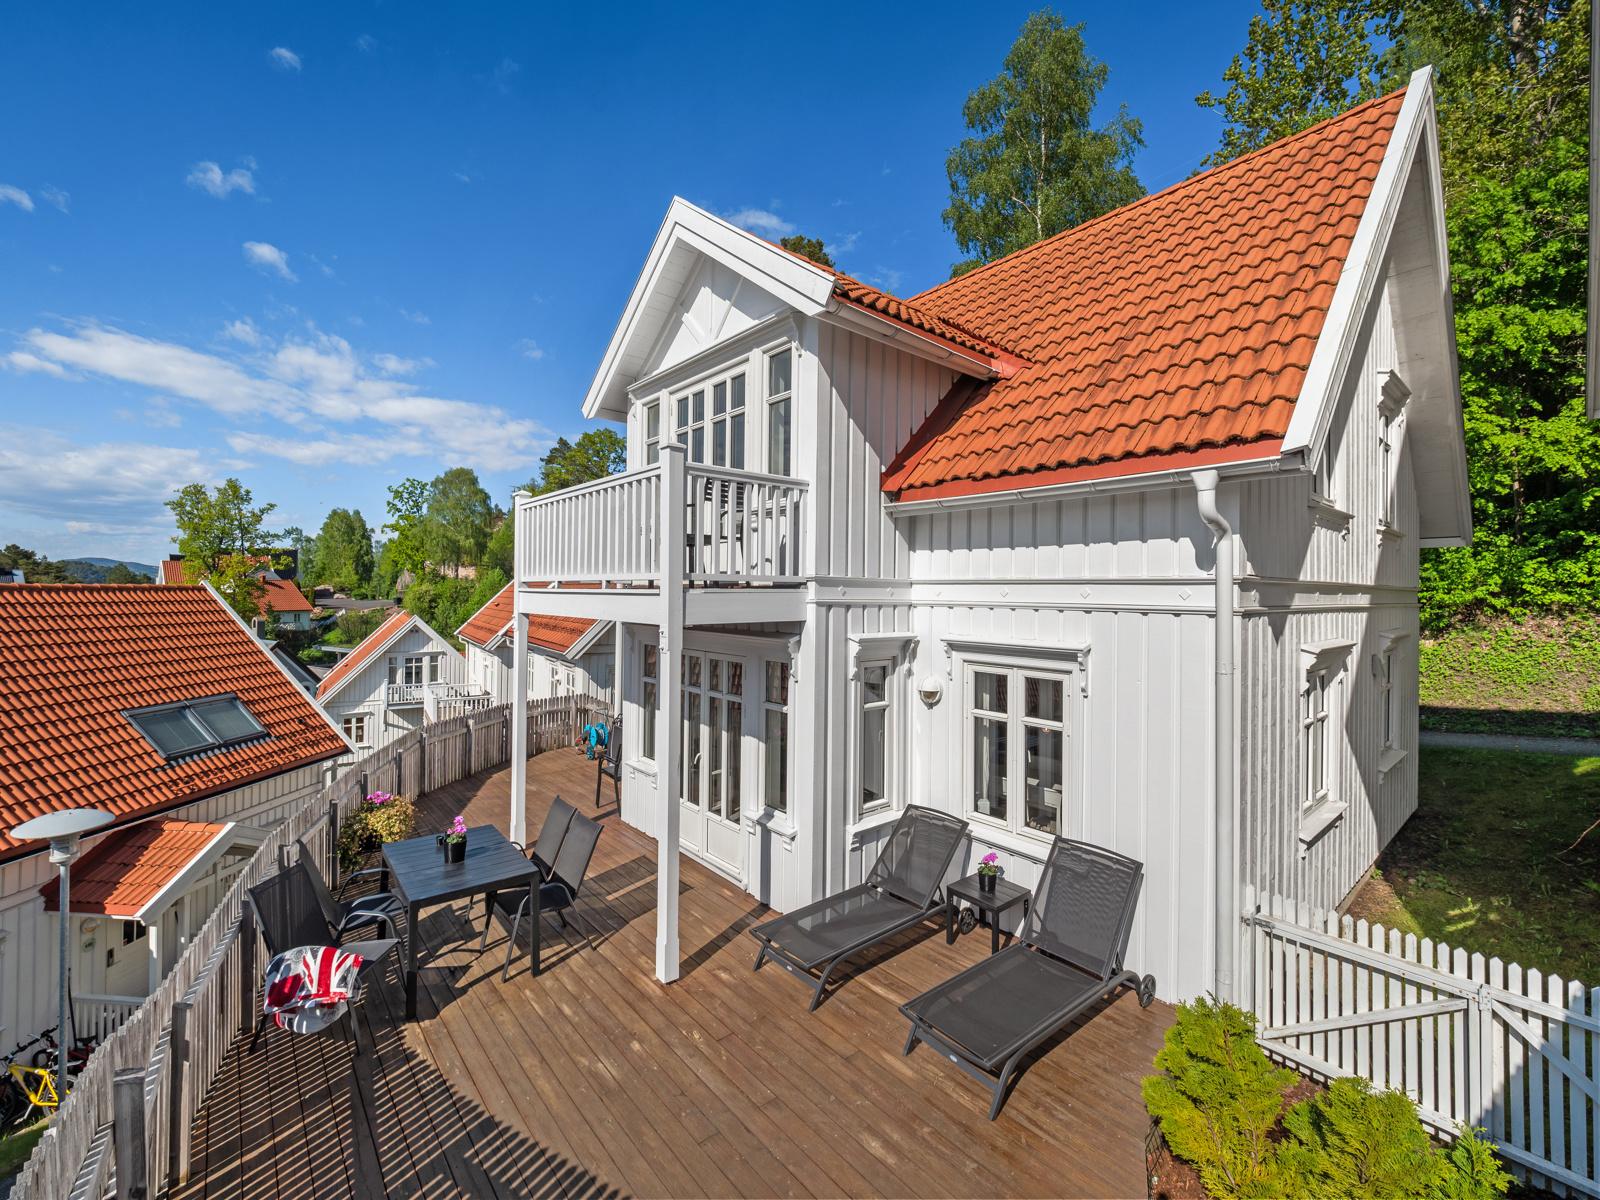 Velkommen til Holtnes brygge - Hytte med 4 soverom, 2 bad, stor terrasse og balkong